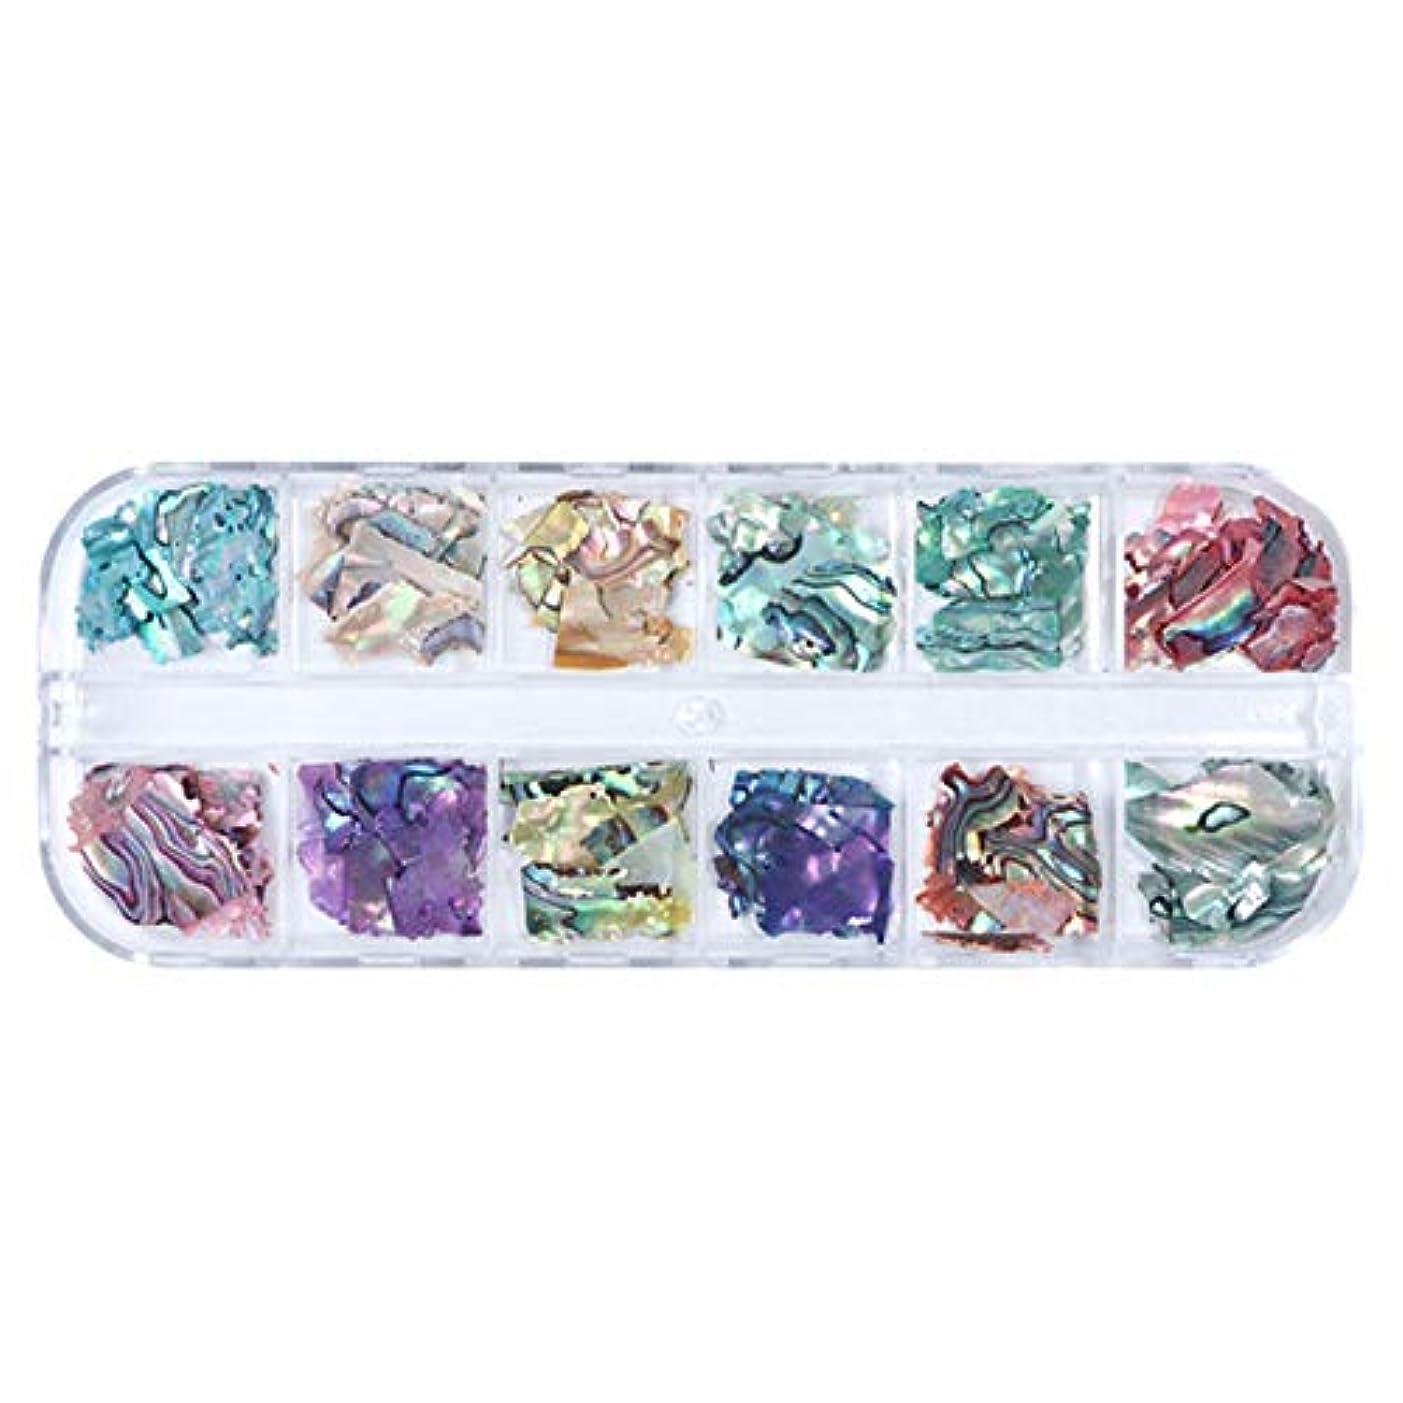 TOOGOO 3D不規則アワビ貝殻スライス ネイルスパンコール マーメイドフレークホログラフィックグリッターネイルアートの装飾 ポーランドのマニキュアBy